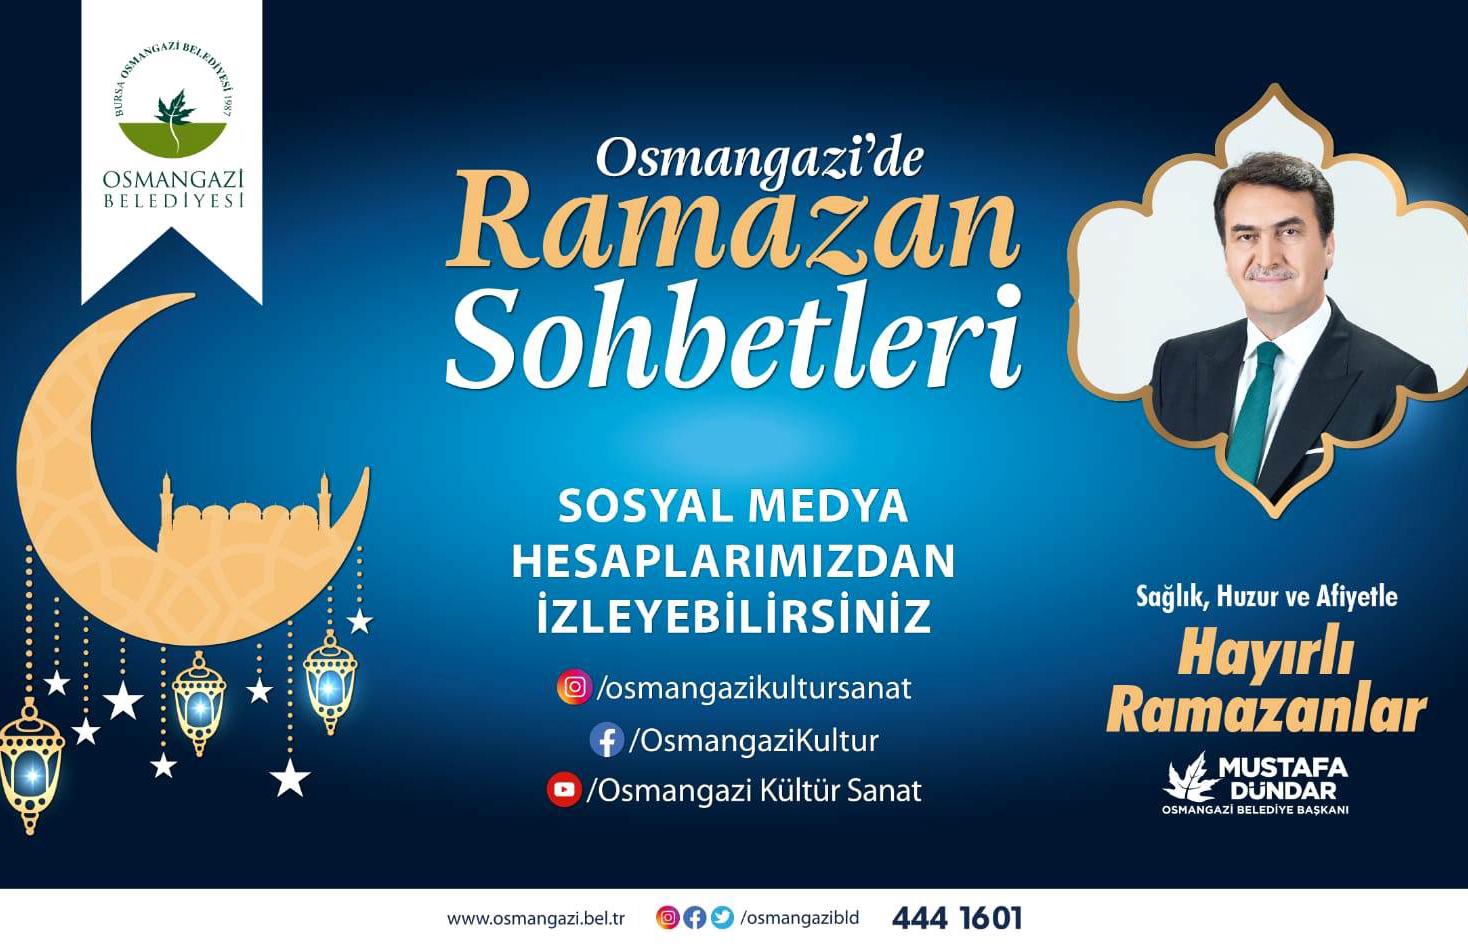 Ramazan'ın Manevi Havası Evleri Saracak